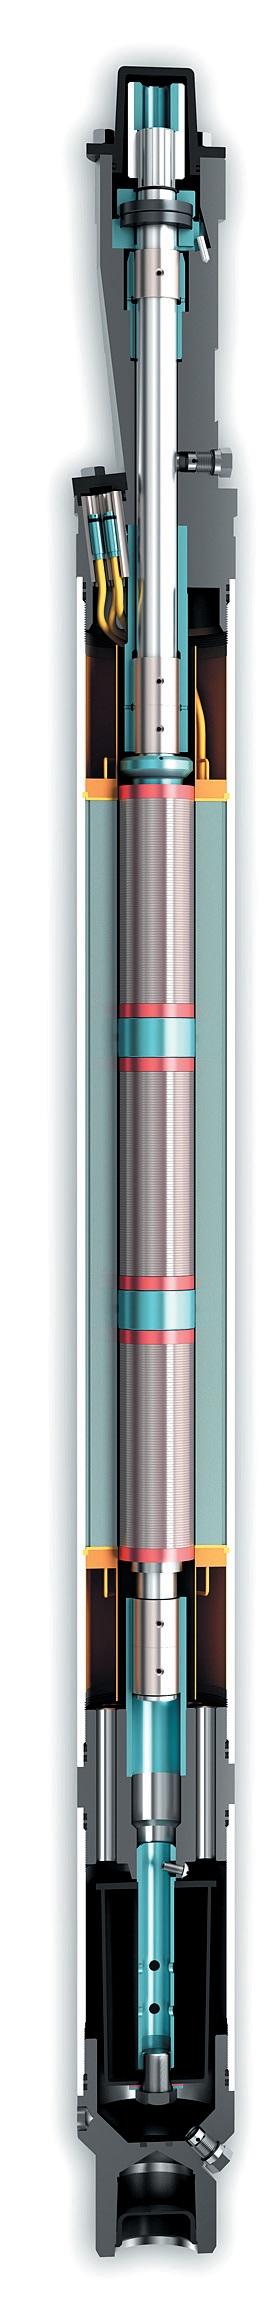 ПЭД - Погружной Электрический Двигатель УЭЦН